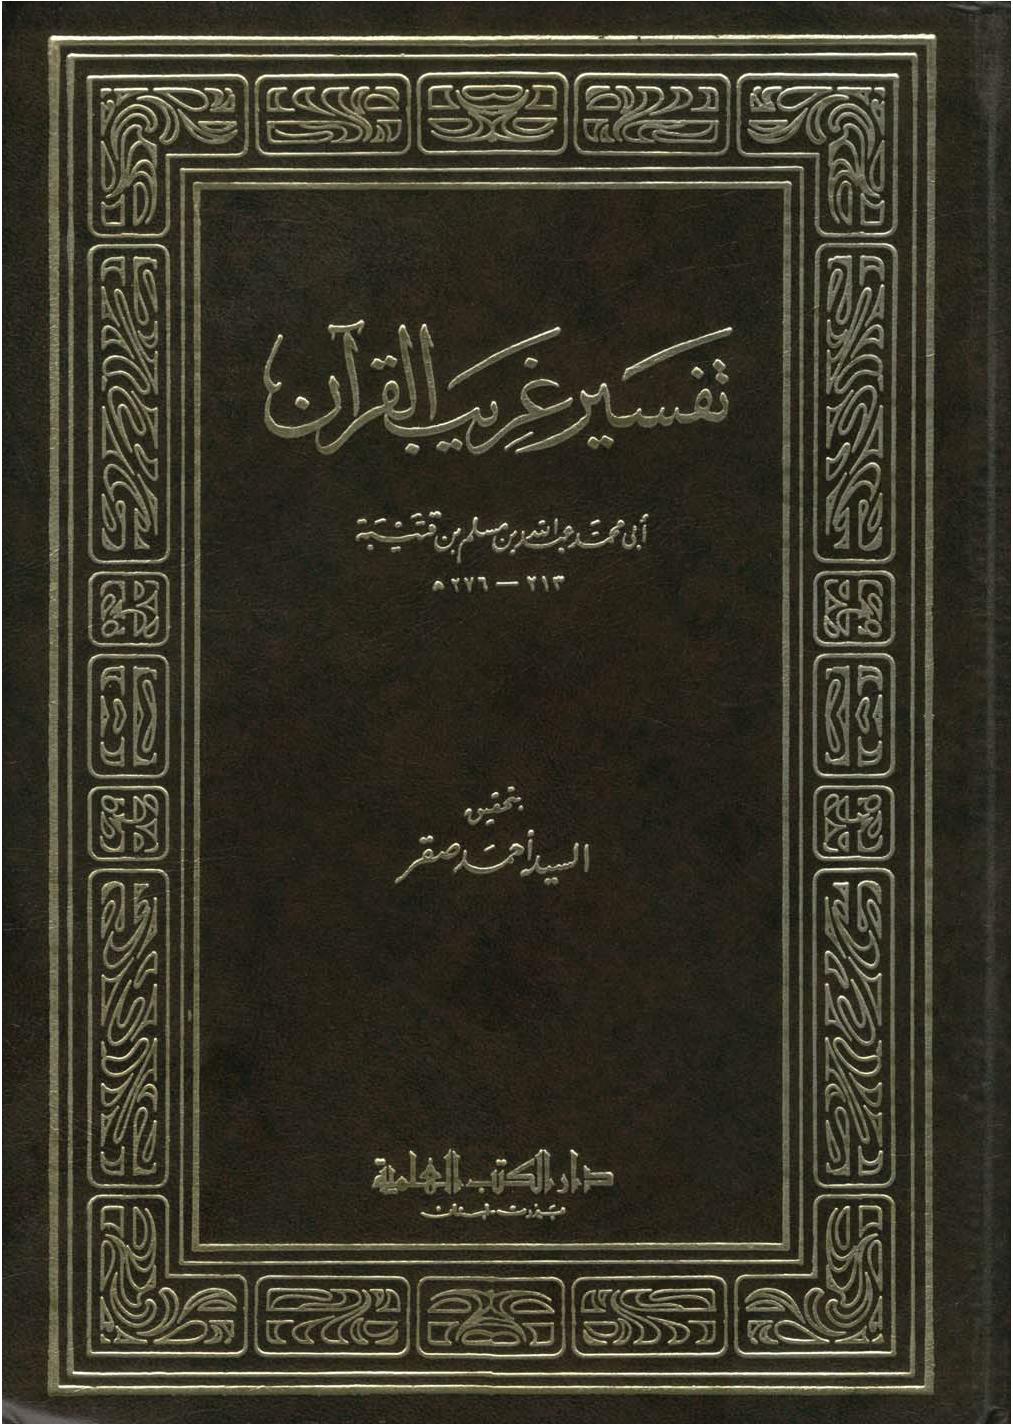 تحميل كتاب تفسير غريب القرآن (ابن قتيبة) لـِ: الإمام أبو محمد عبد الله بن مسلم بن قتيبة الدينوري (ت 276)